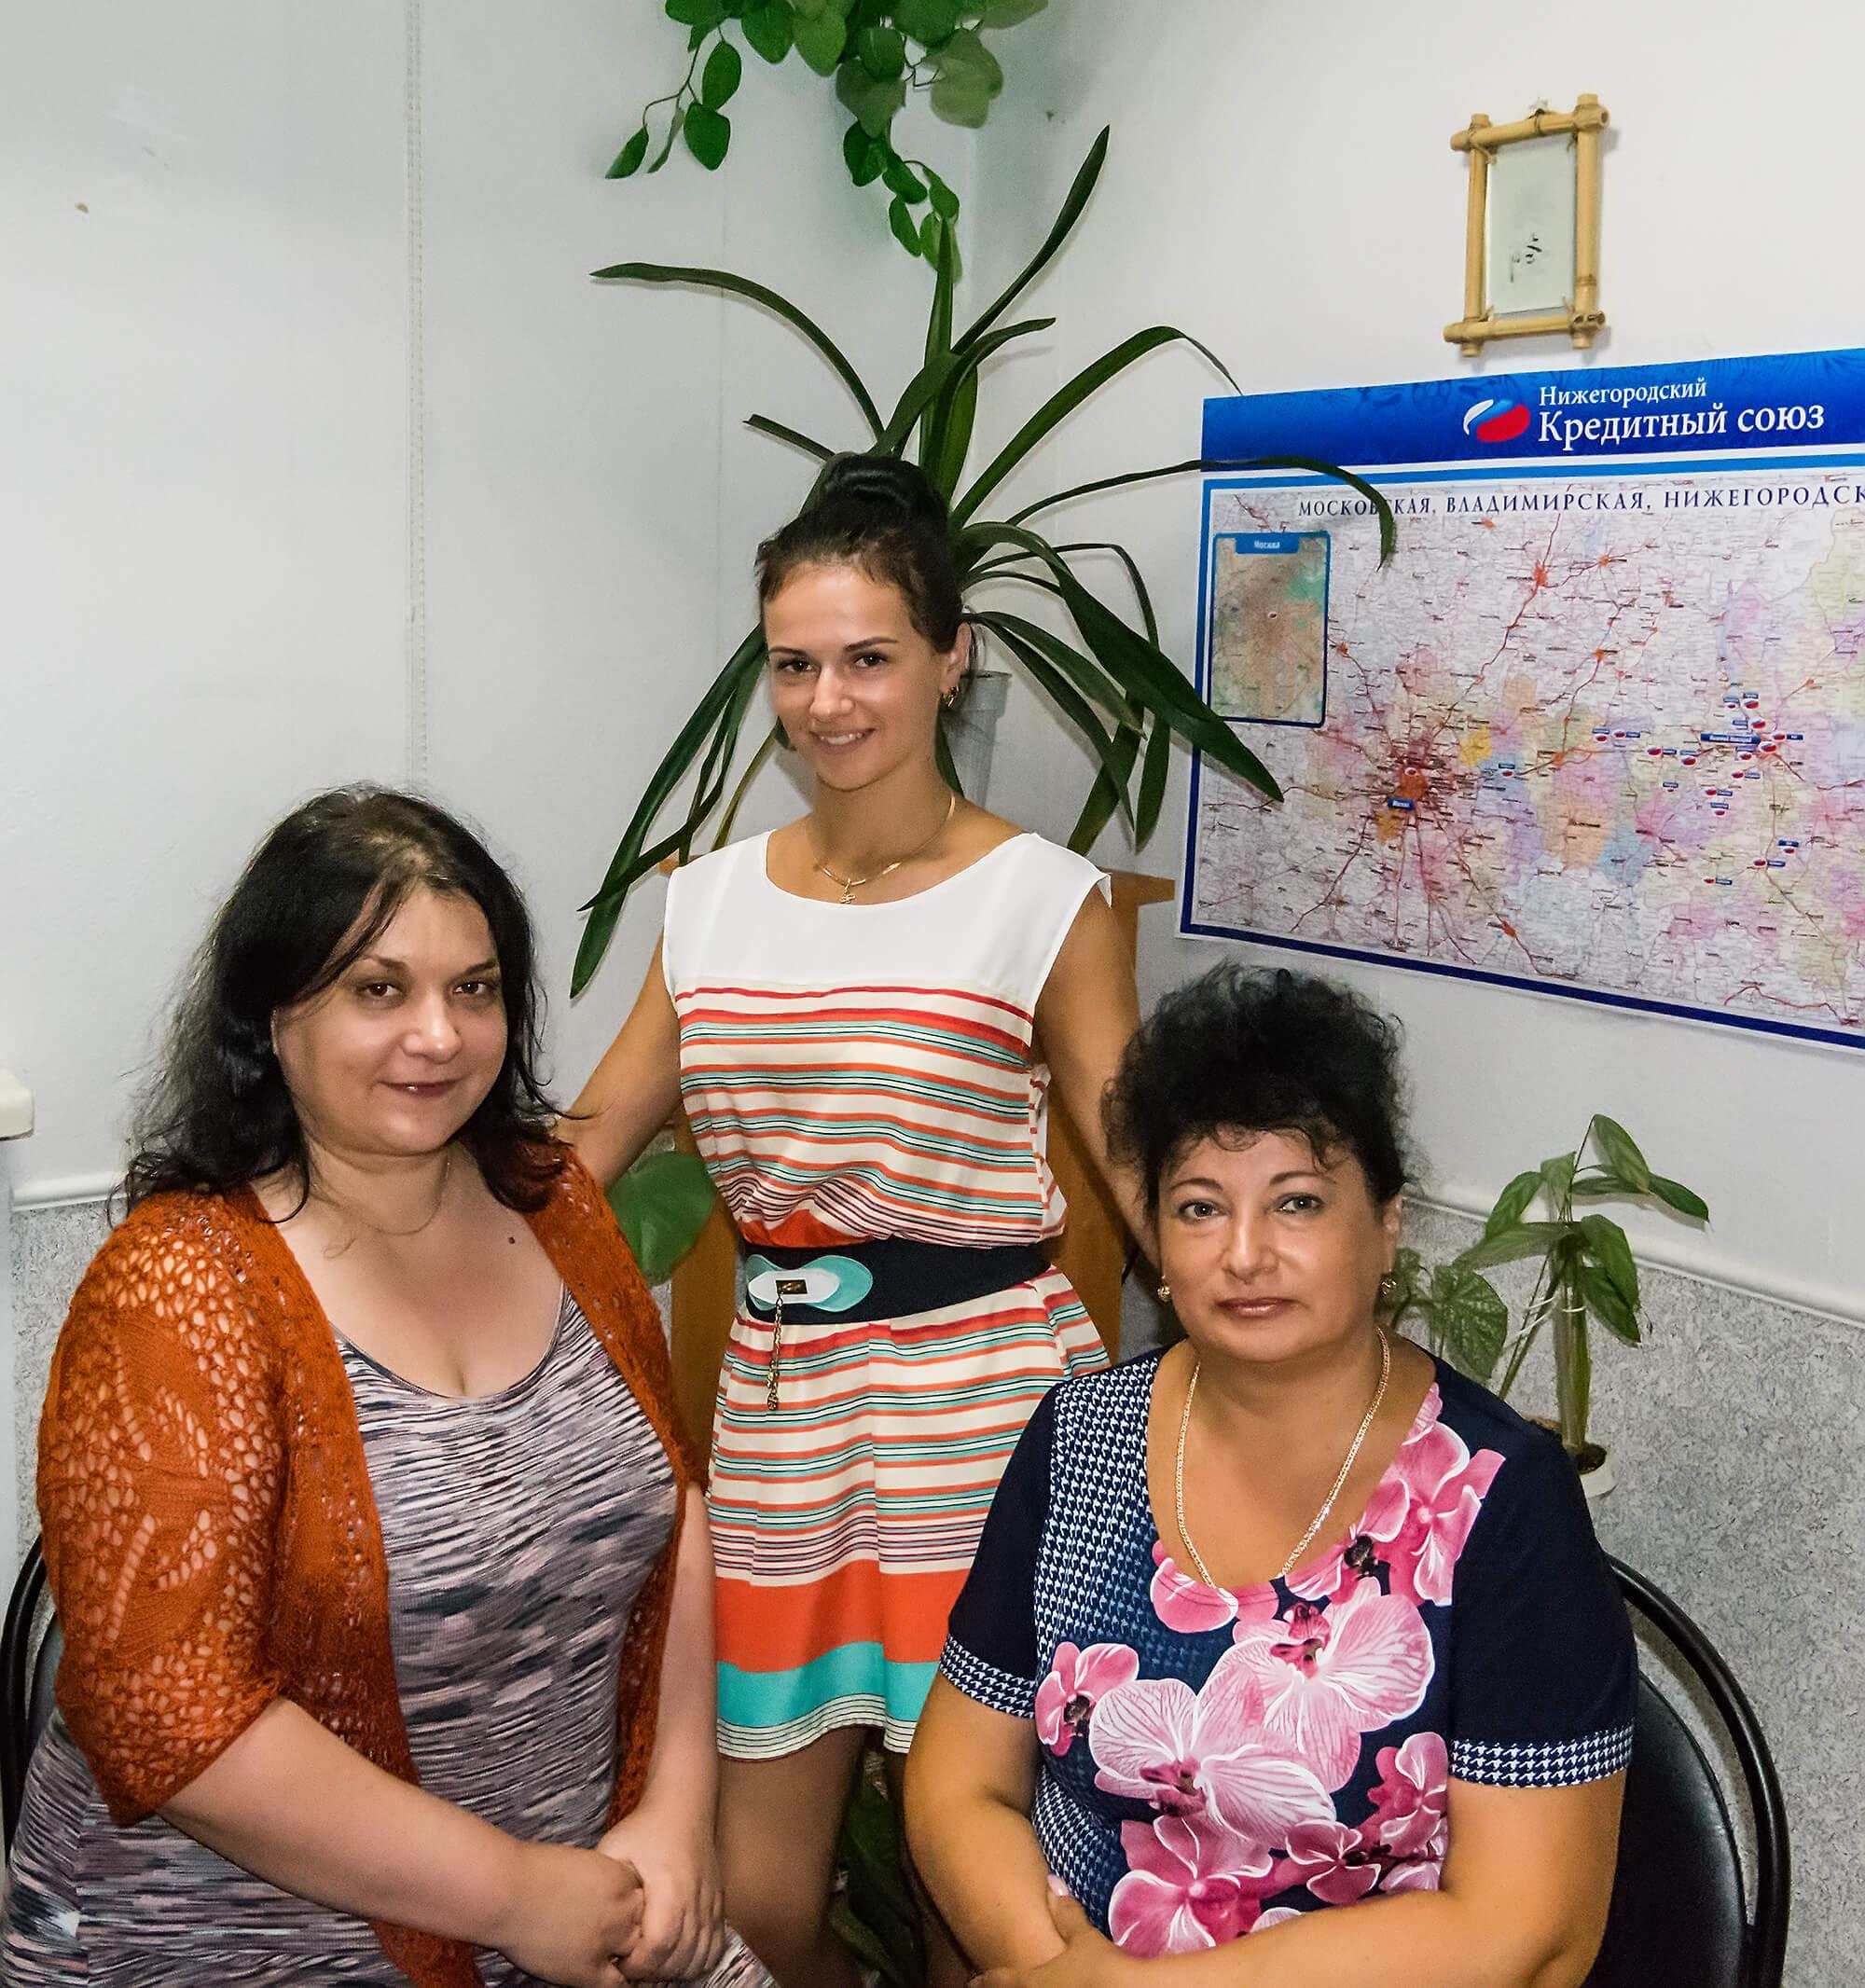 Взять кредит наличными в дзержинске нижегородской области